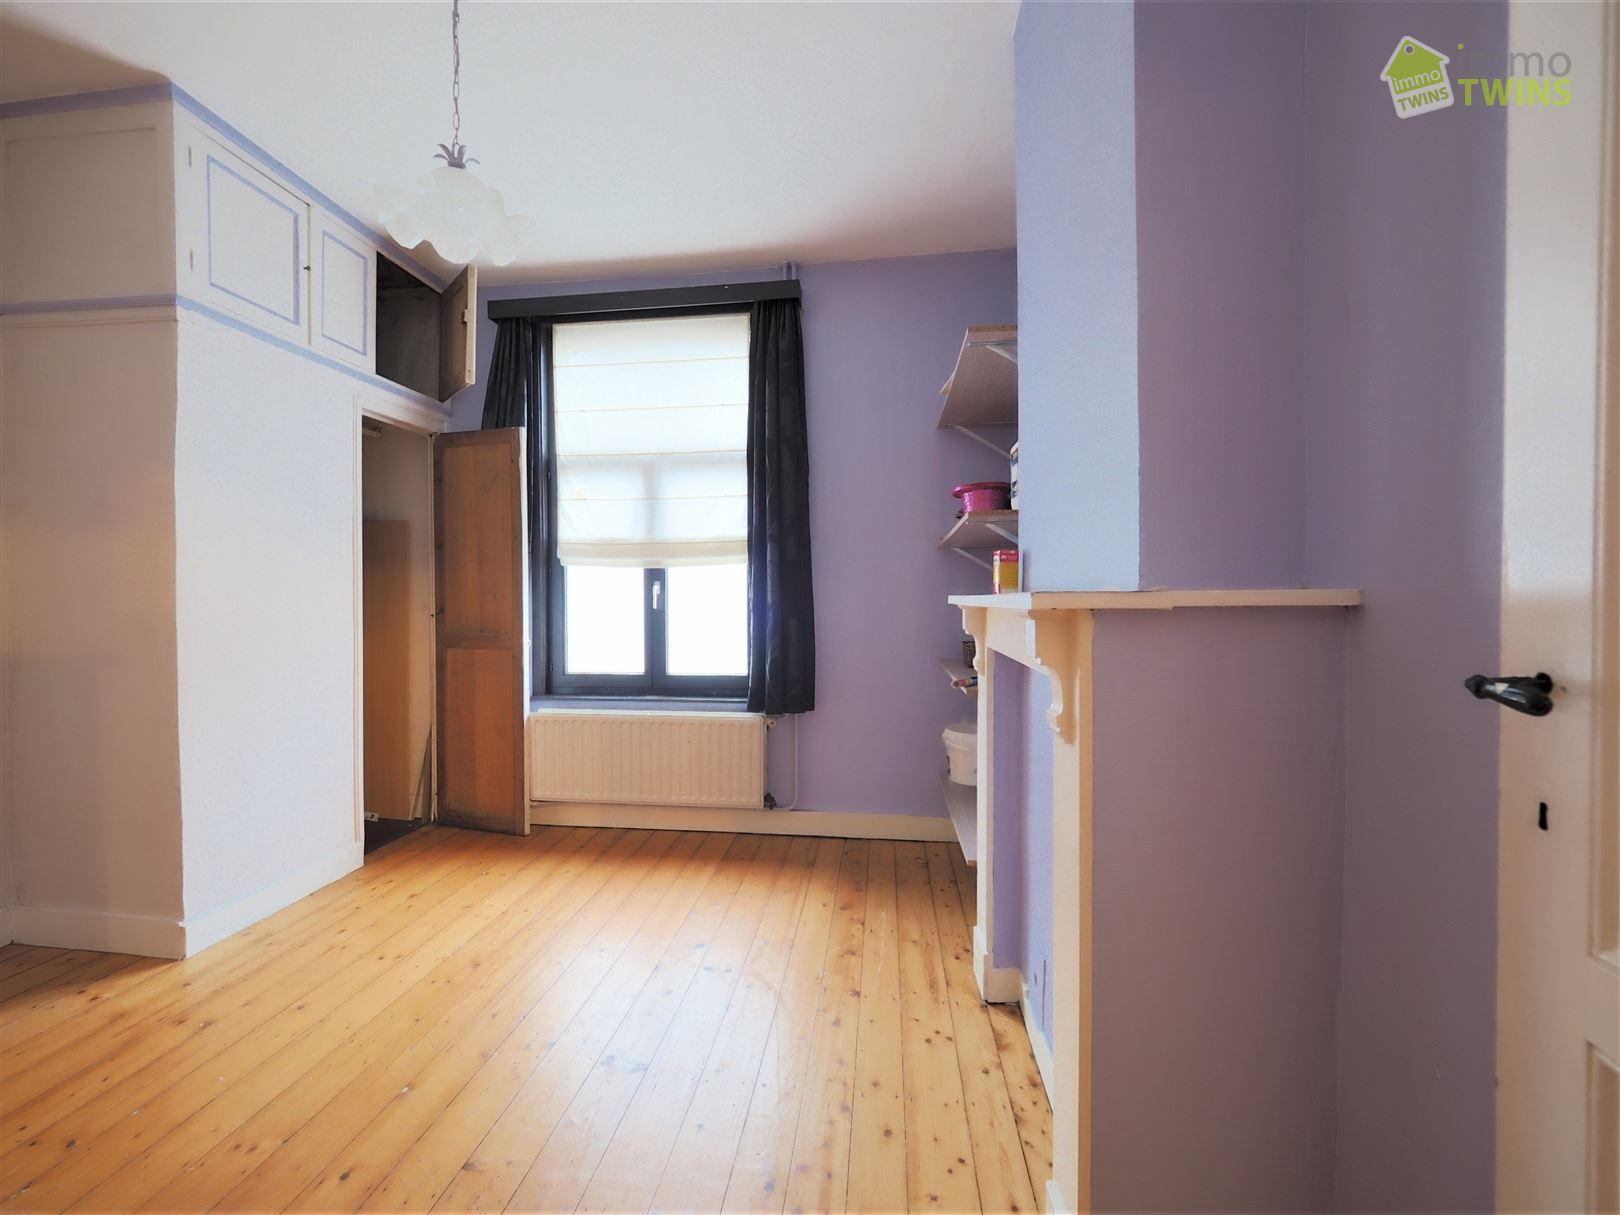 Foto 19 : Huis te 9200 SINT-GILLIS-BIJ-DENDERMONDE (België) - Prijs € 235.000